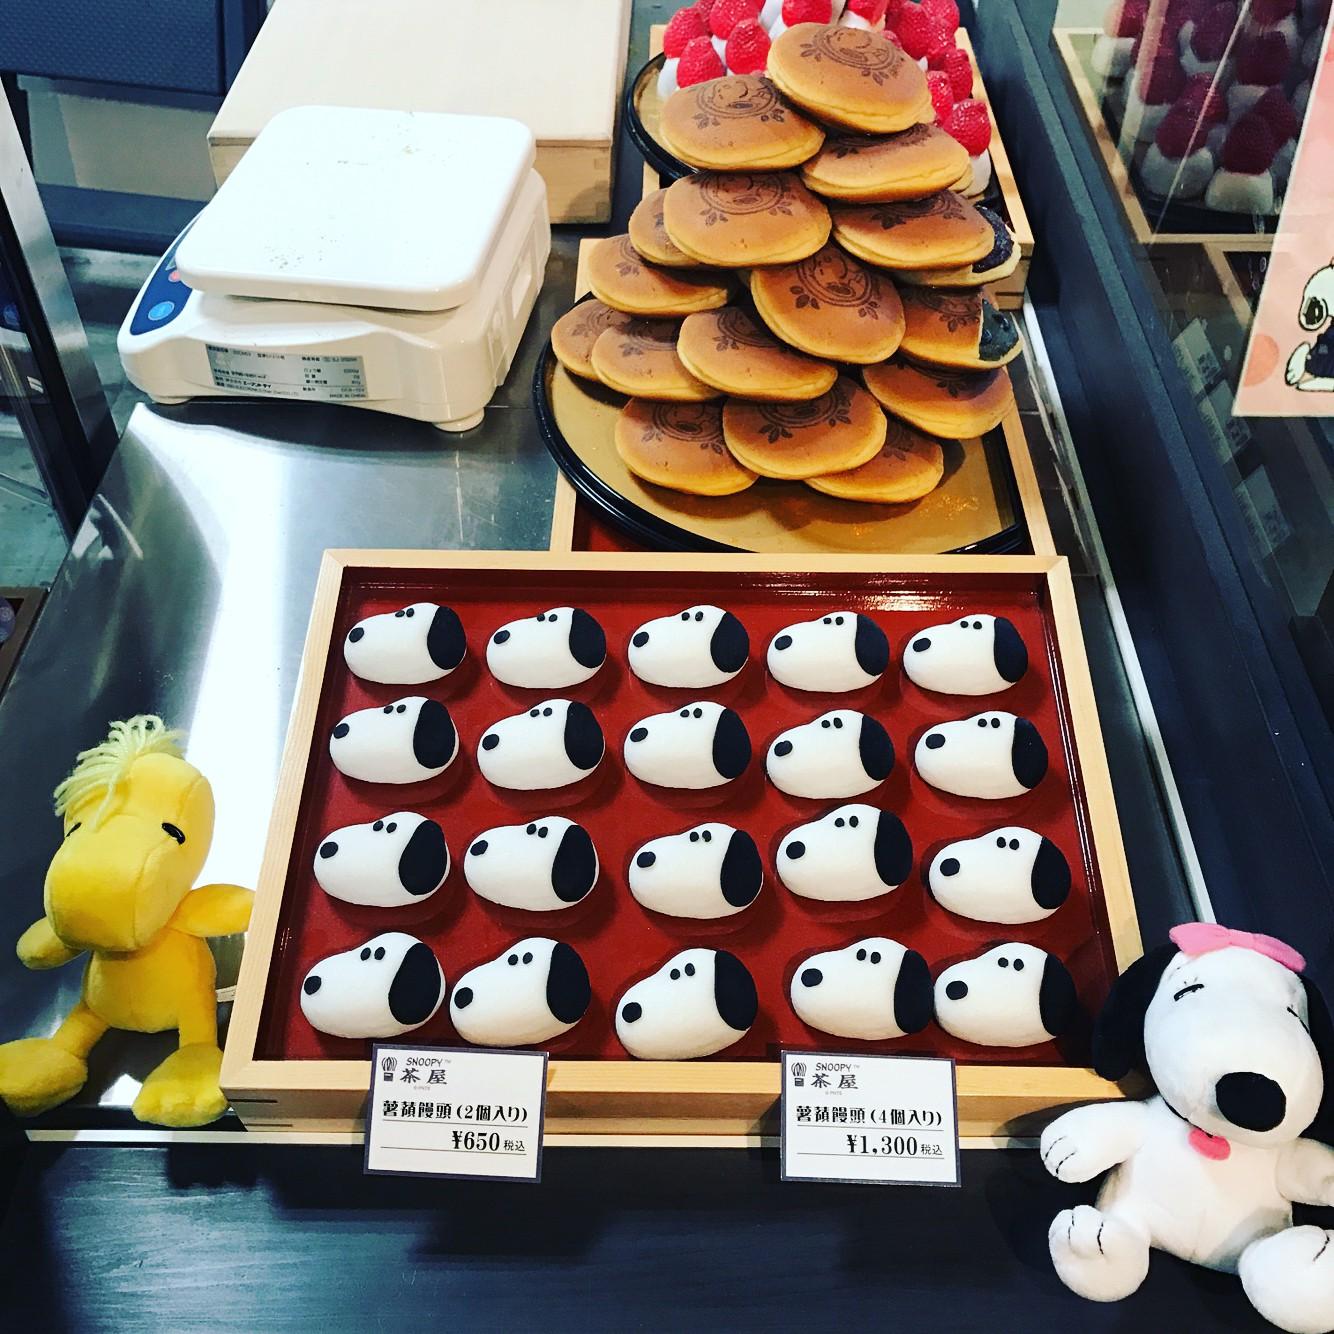 Thăm trà quán Snoopy mới được khai trương tại xứ hoa anh đào - Ảnh 15.